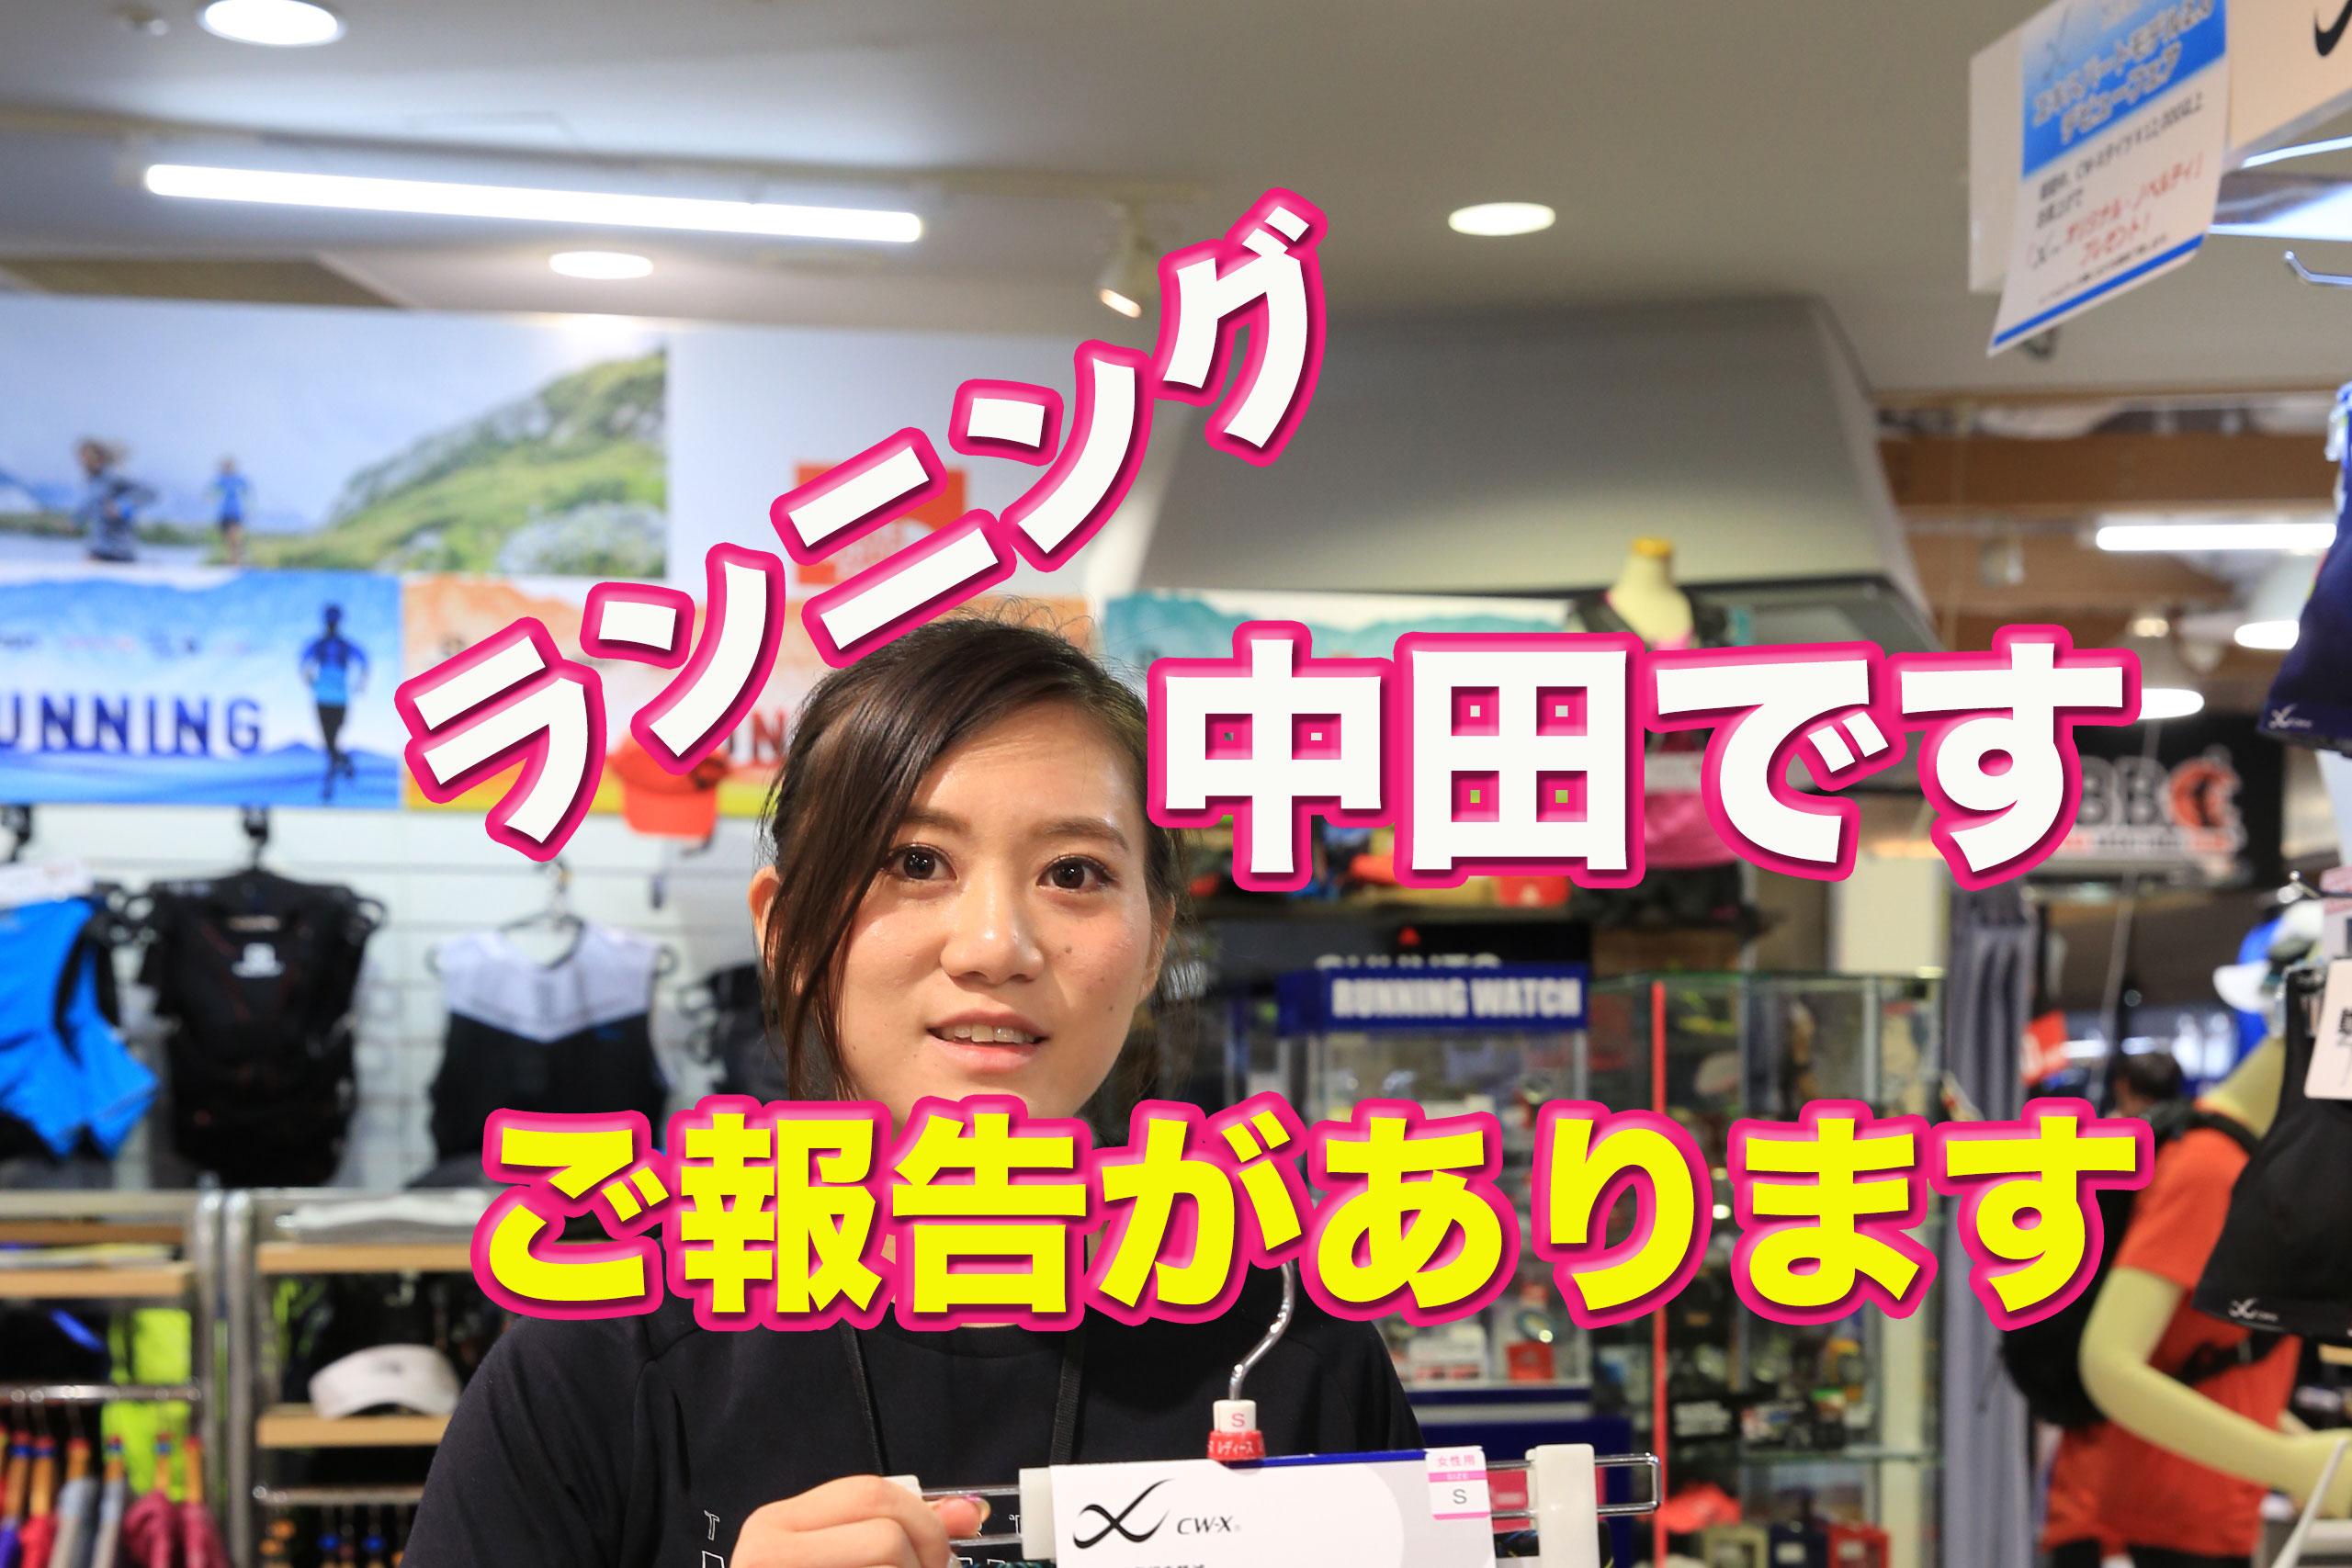 大阪マラソンまで後3ヶ月ちょっと!ランニングスタッフ中田オススメの一品!